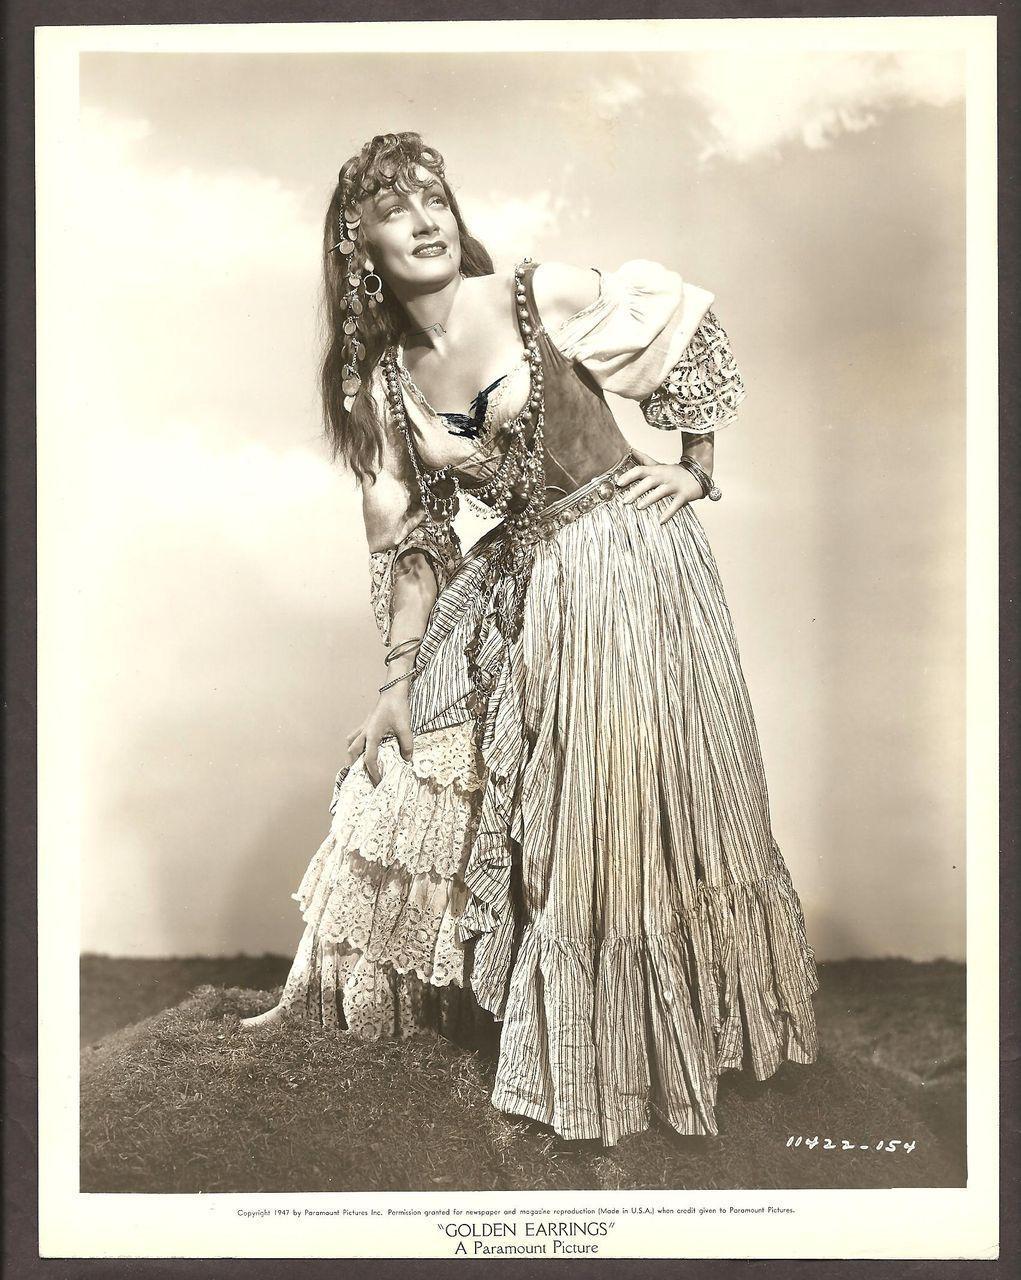 Marlene Dietrich Movie Photo Golden Earrings